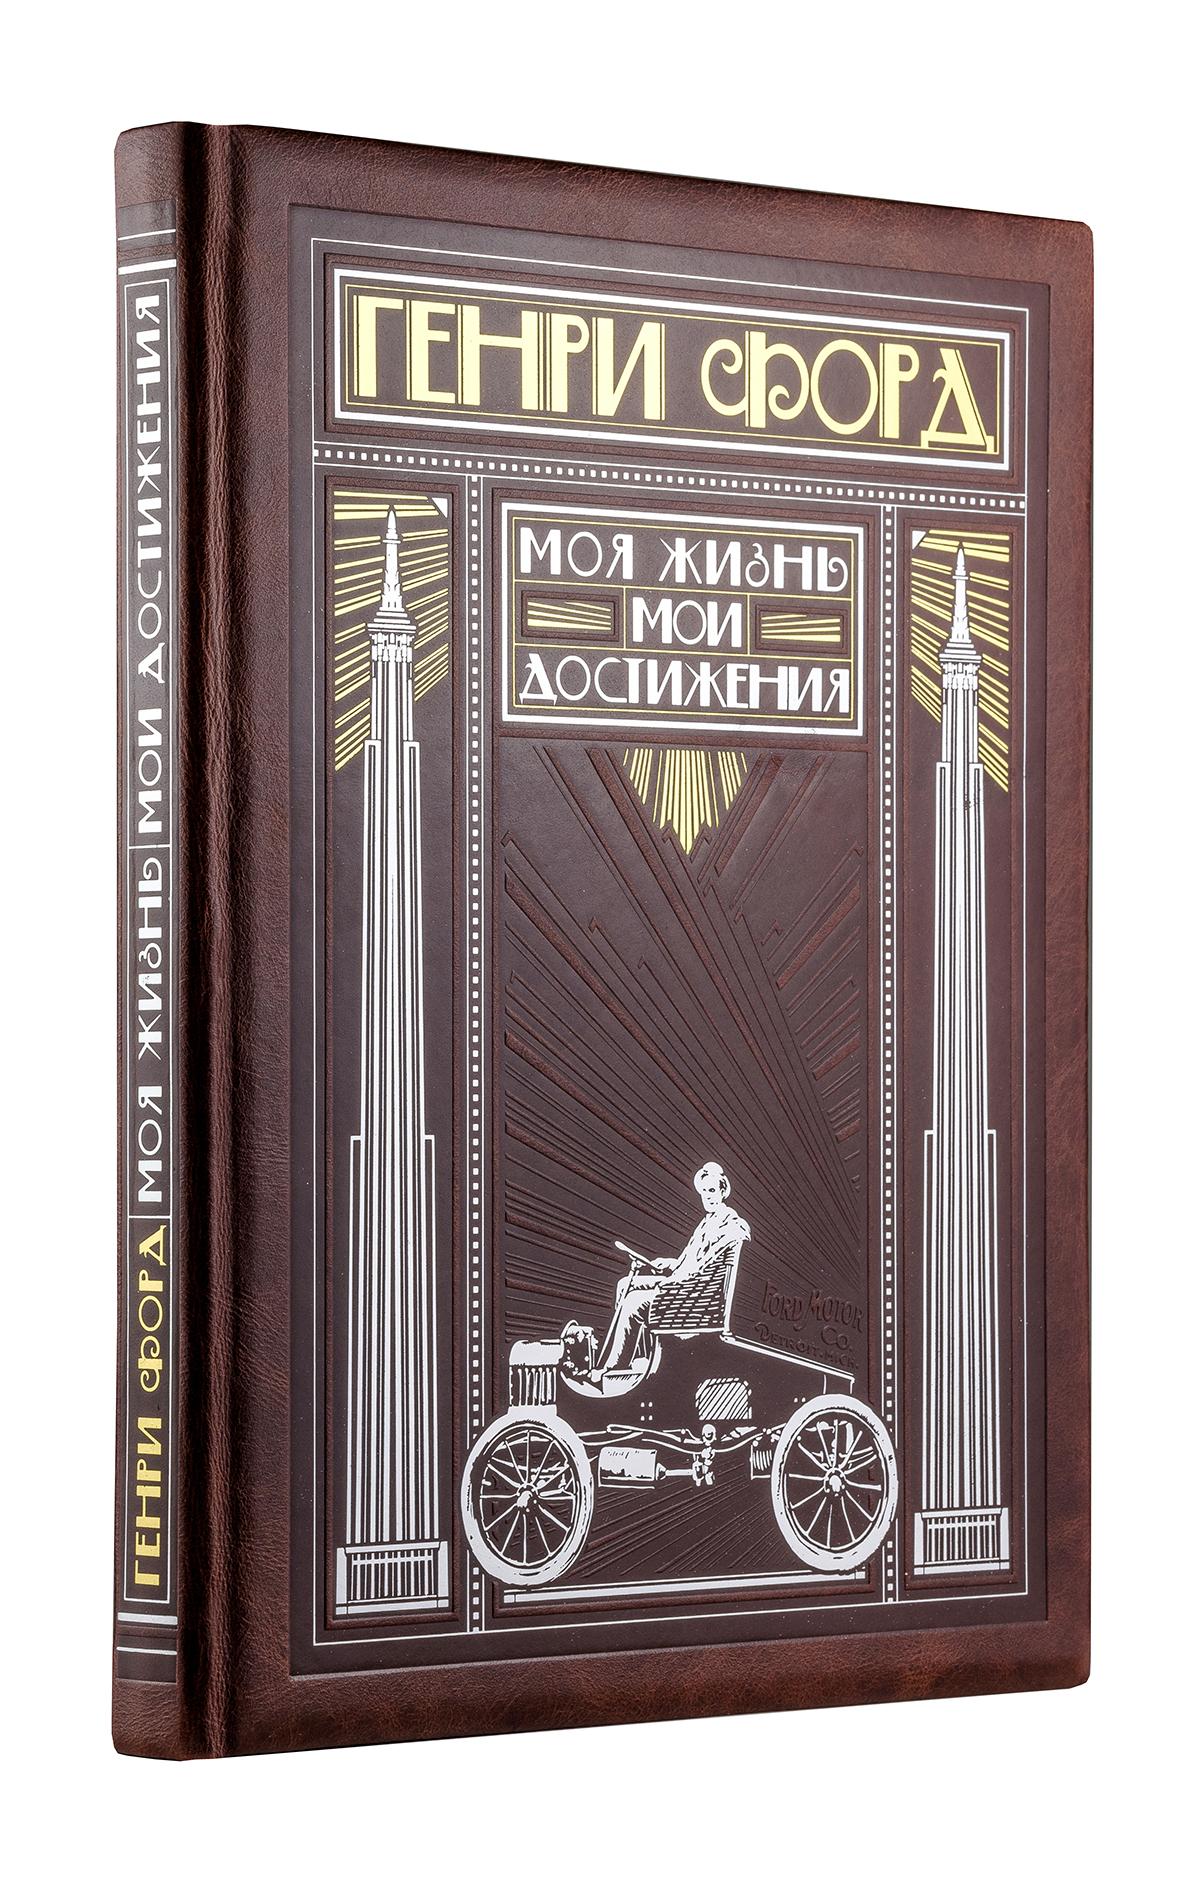 Генри Форд. Моя жизнь, мои достижения (книга+футляр) джон рокфеллер 0 мемуары подарочное издание в кожаном переплете